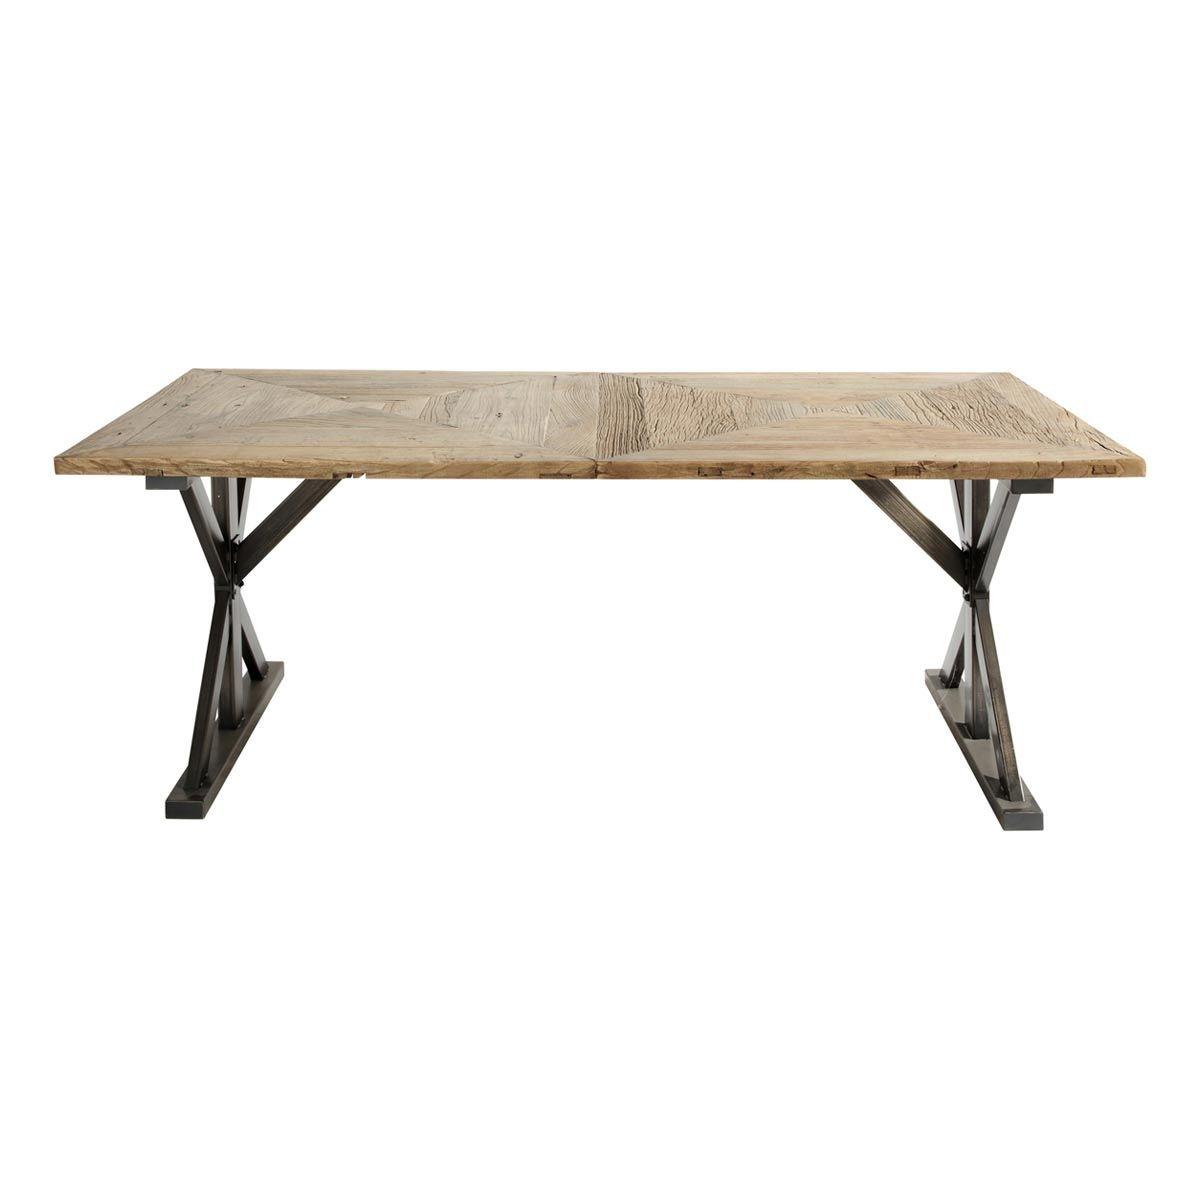 Table De Salle à Manger En Orme Recyclé L Cm Liège MAISON DU - Table pliante 240 cm pour idees de deco de cuisine